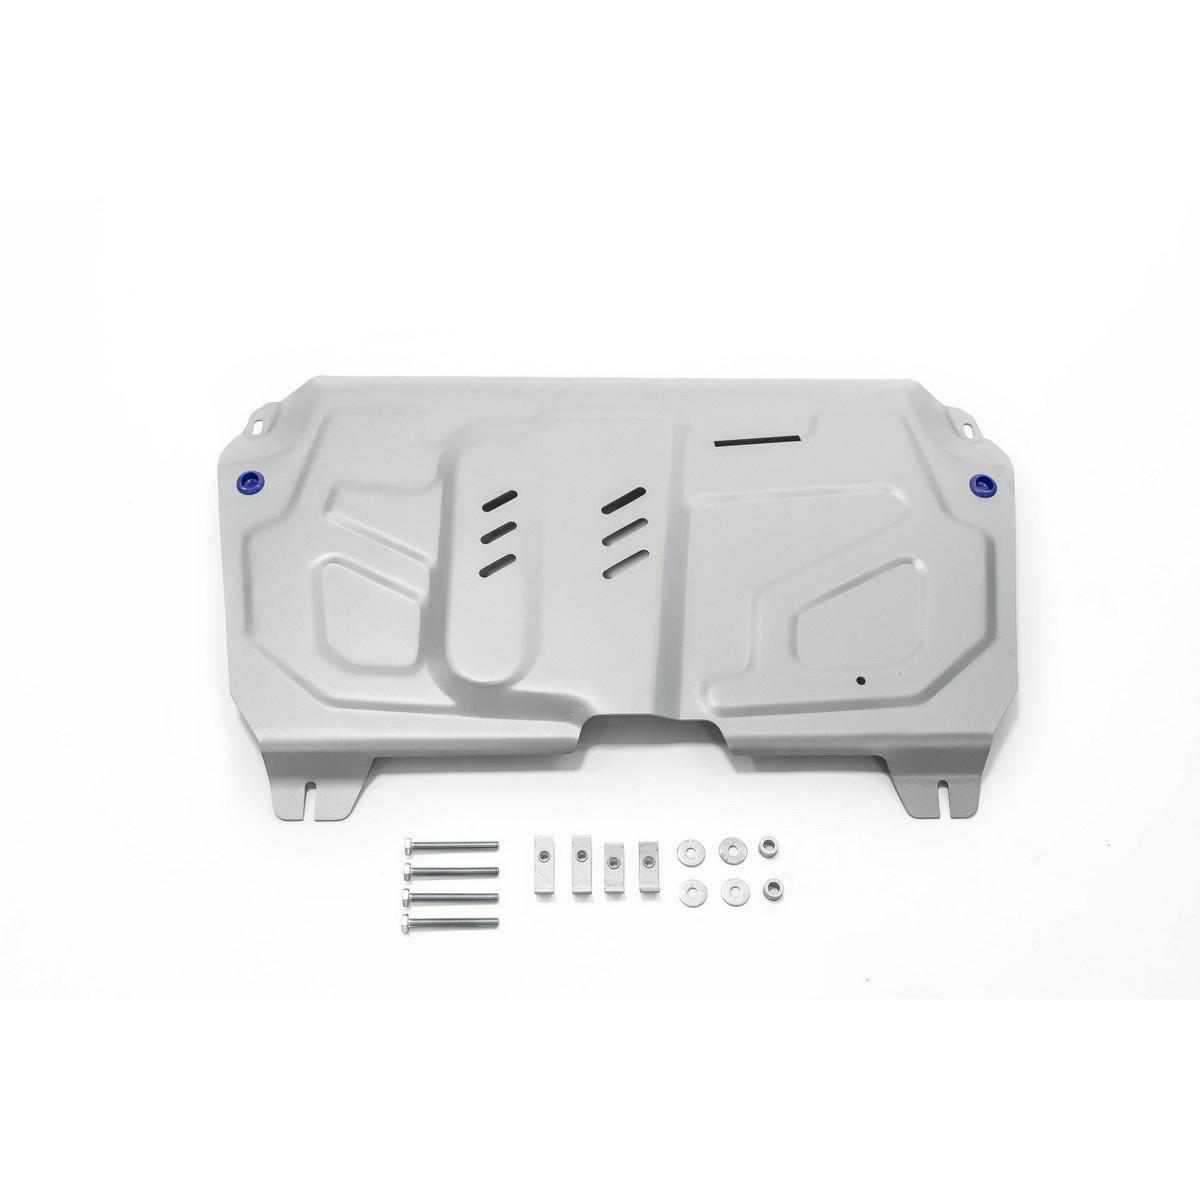 Защита картера и КПП Rival (увеличенная) для Lexus ES 2012-2018/RX 270/350/200t/450h 2008-н.в./Lifan Murman МКПП 2017-н.в./Toyota Camry 2006-2018/Highlander 2010-2014 2014-2017 2017-н.в./Venza 2013-2016, алюминий 4 мм, с крепежом. 333.5781.1 коврики салона rival для toyota rav4 2013 2015 2015 н в резина 65706001